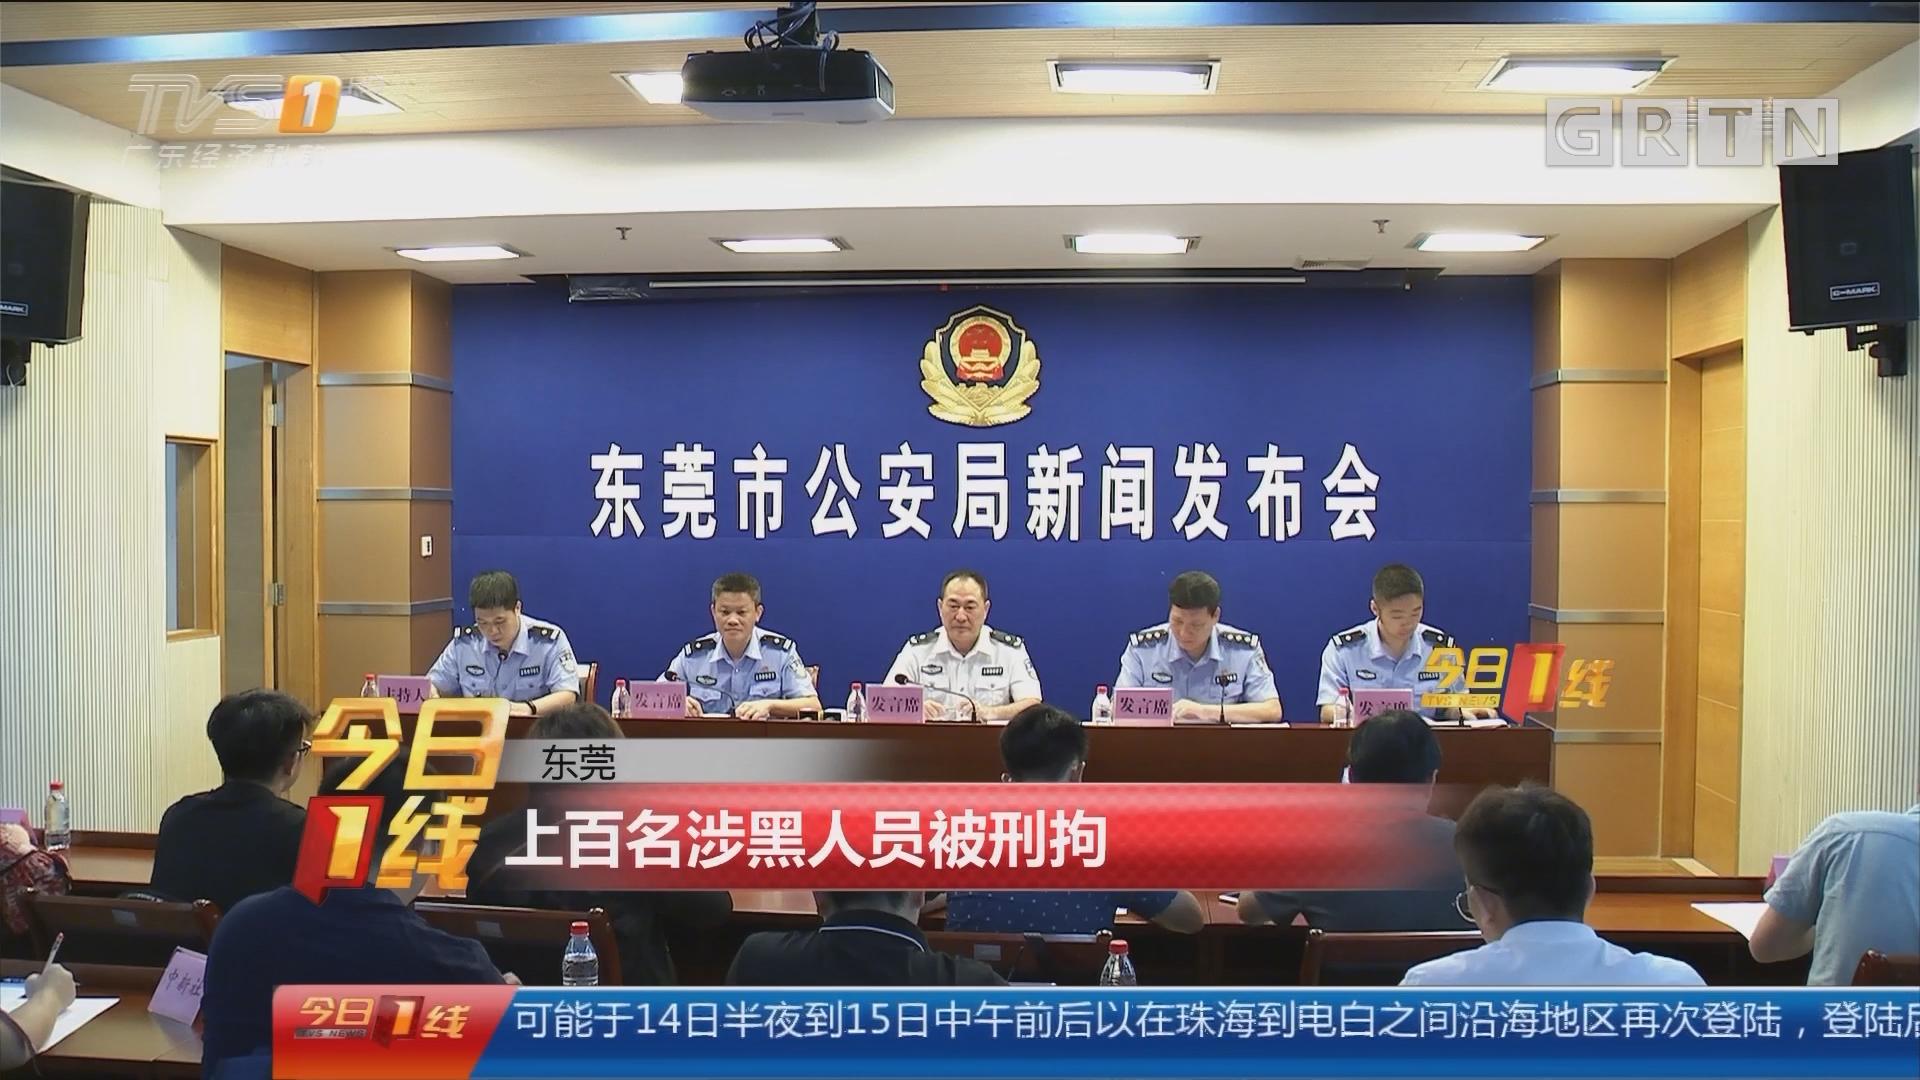 东莞:上百名涉黑人员被刑拘